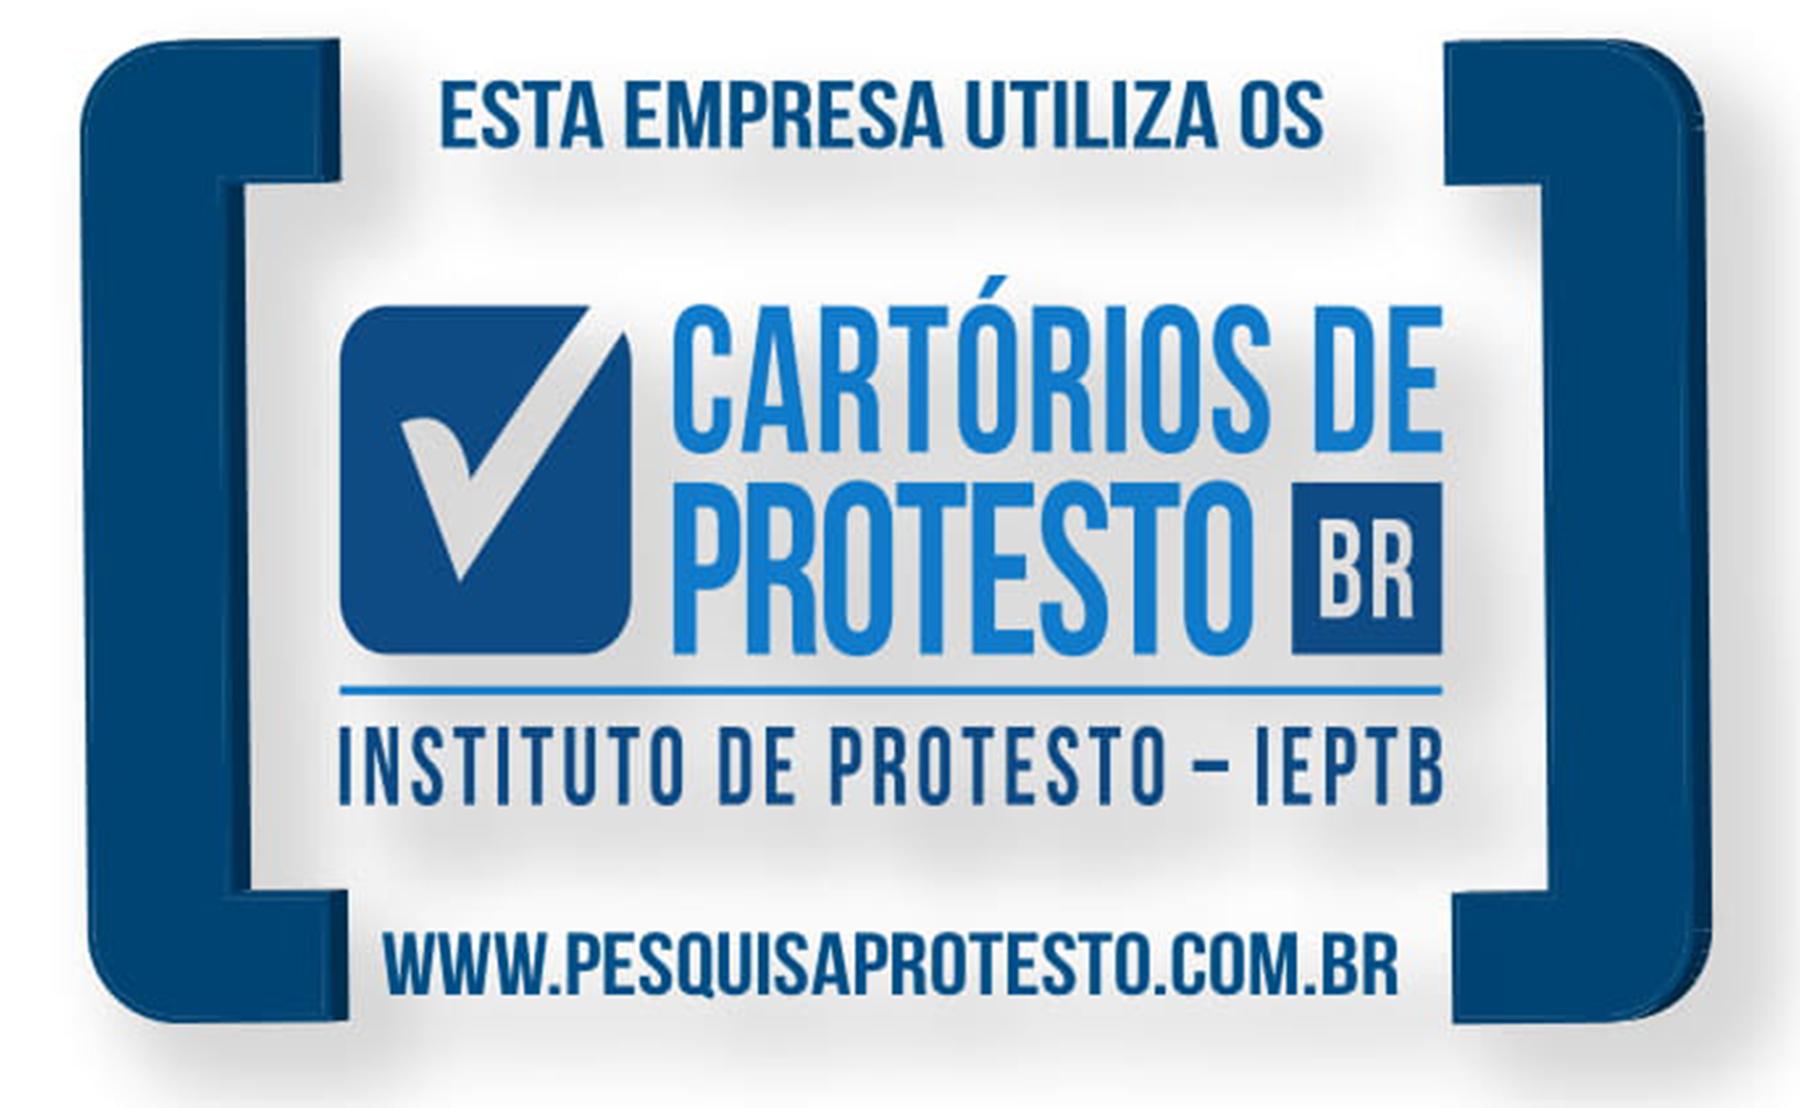 Cartórios de Protesto